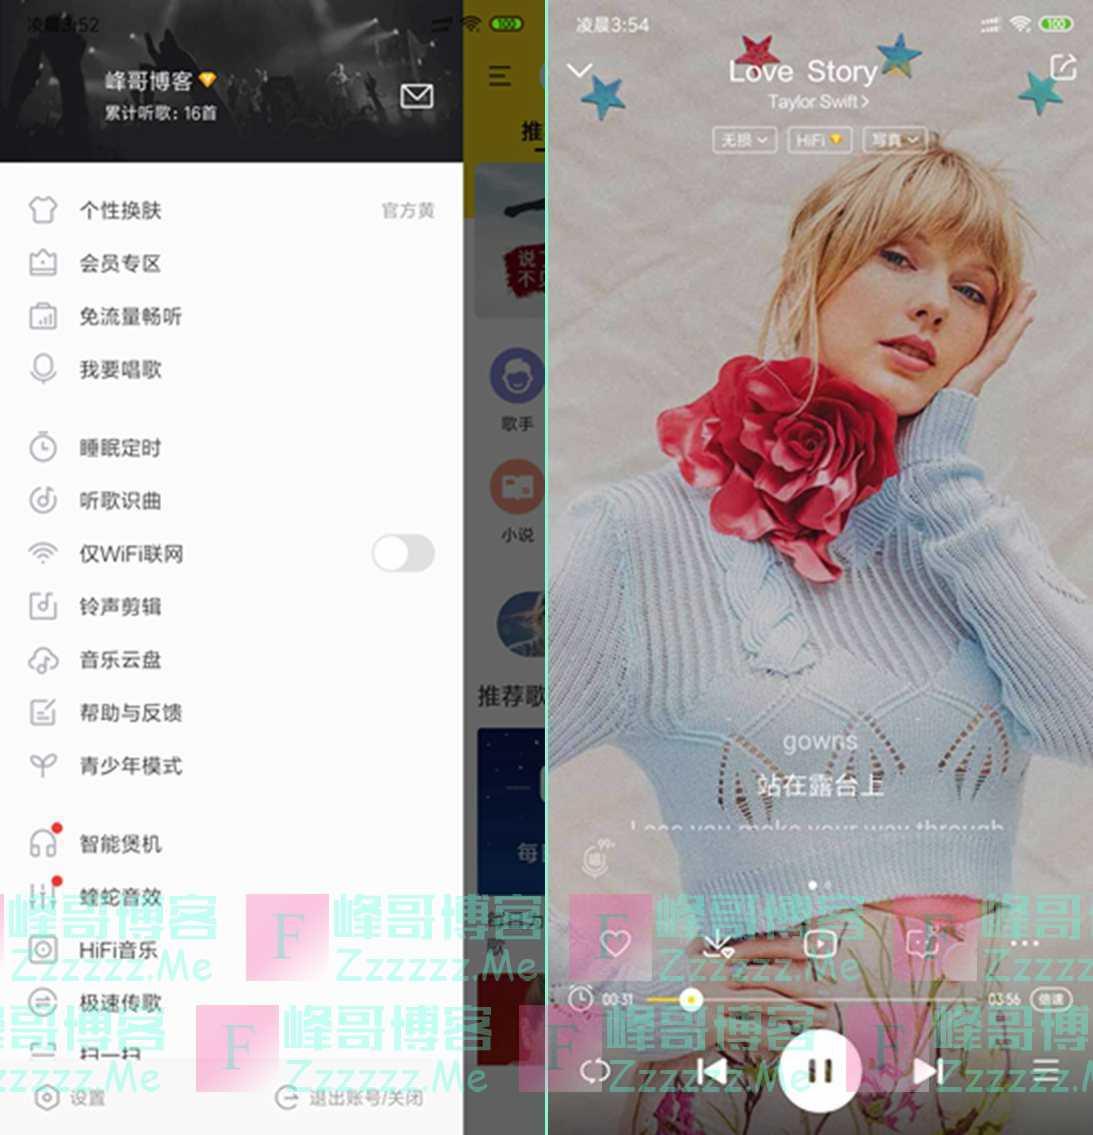 安卓酷我音乐V9.2.8.3 最新VIP豪华会员破解版 所有VIP付费专辑音乐MV免费下载试听